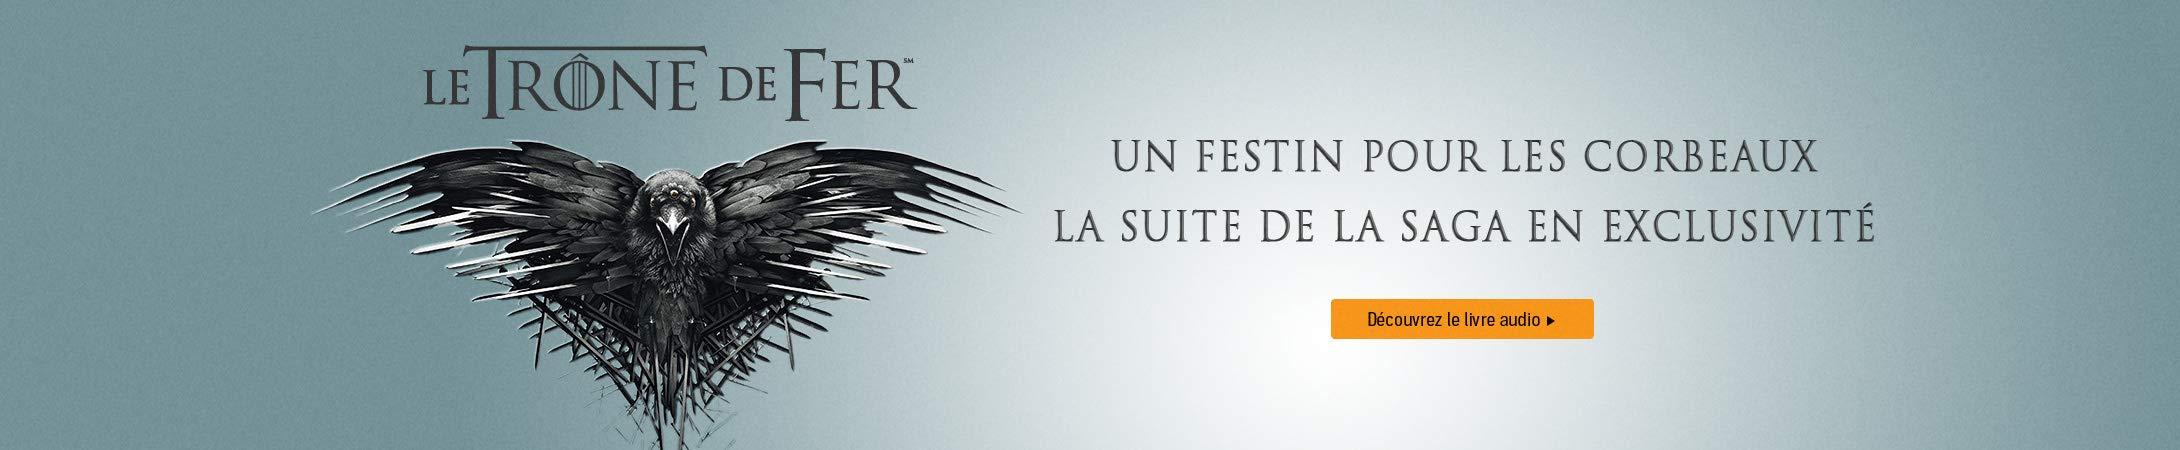 Le trône de fer 12 : un festin pour les corbeaux. La suite de la saga en exclusivité sur Audible.